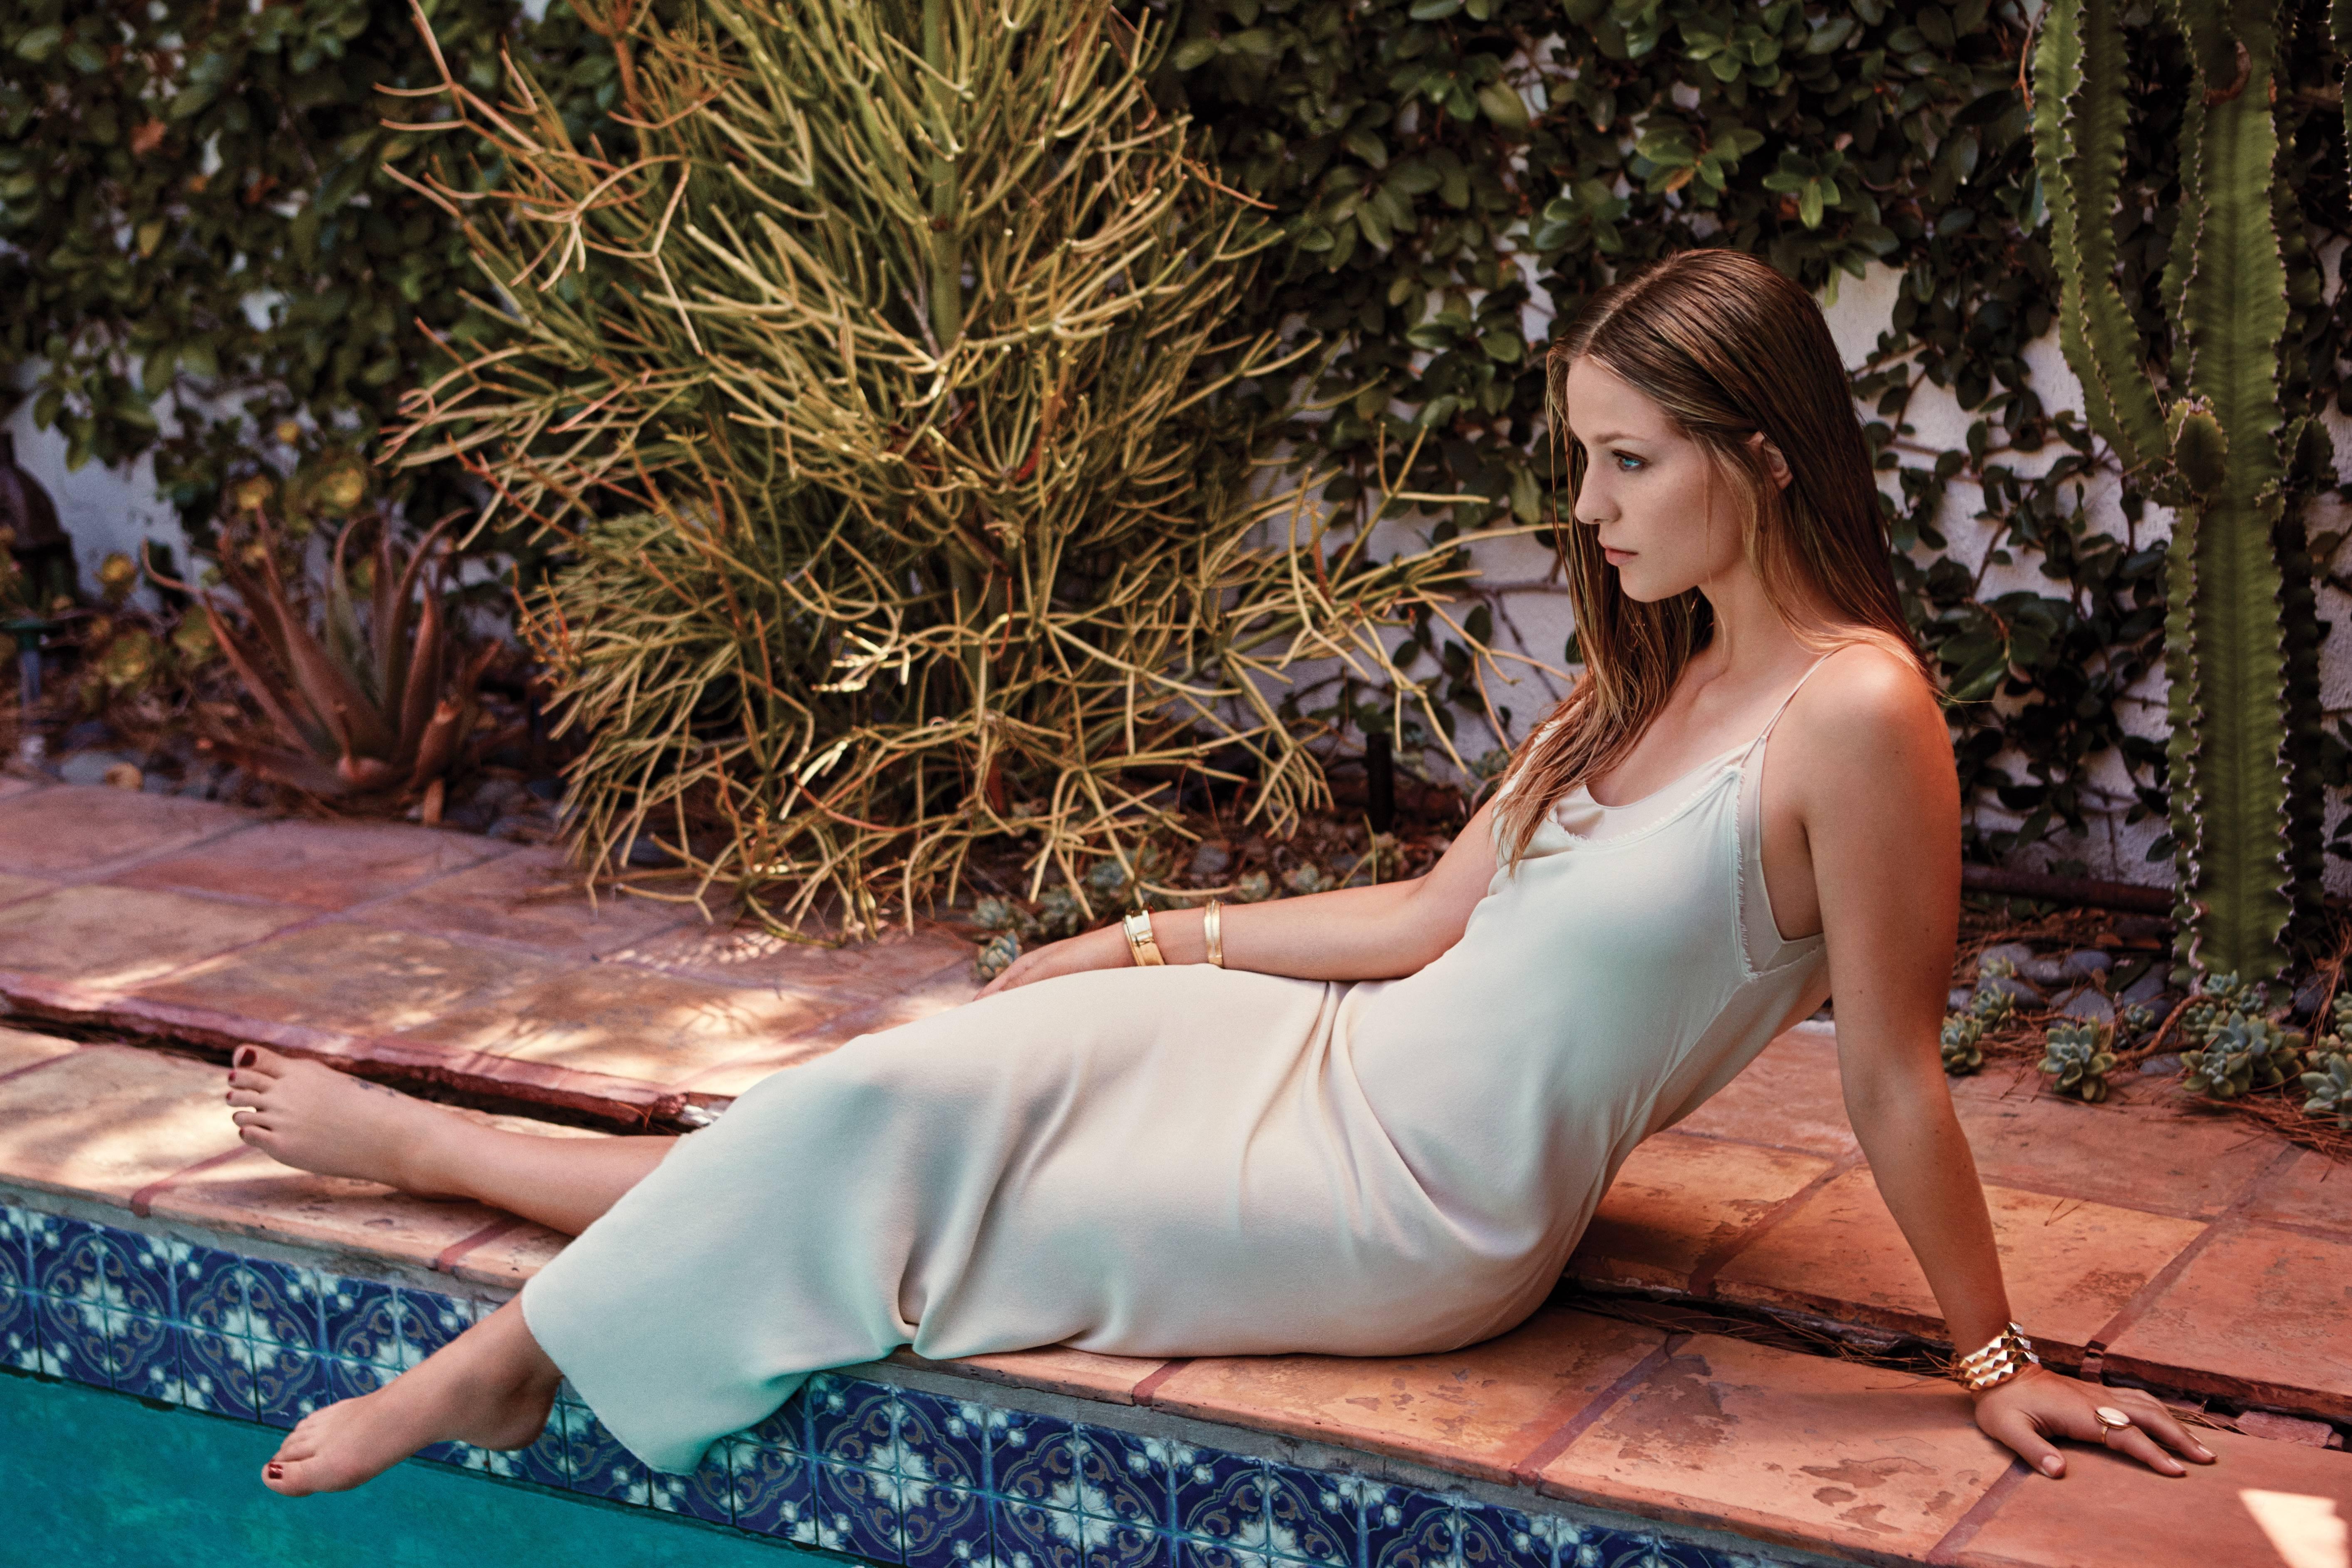 Melissa Gorga 4k Wallpapers: Melissa Benoist 5k, HD Celebrities, 4k Wallpapers, Images